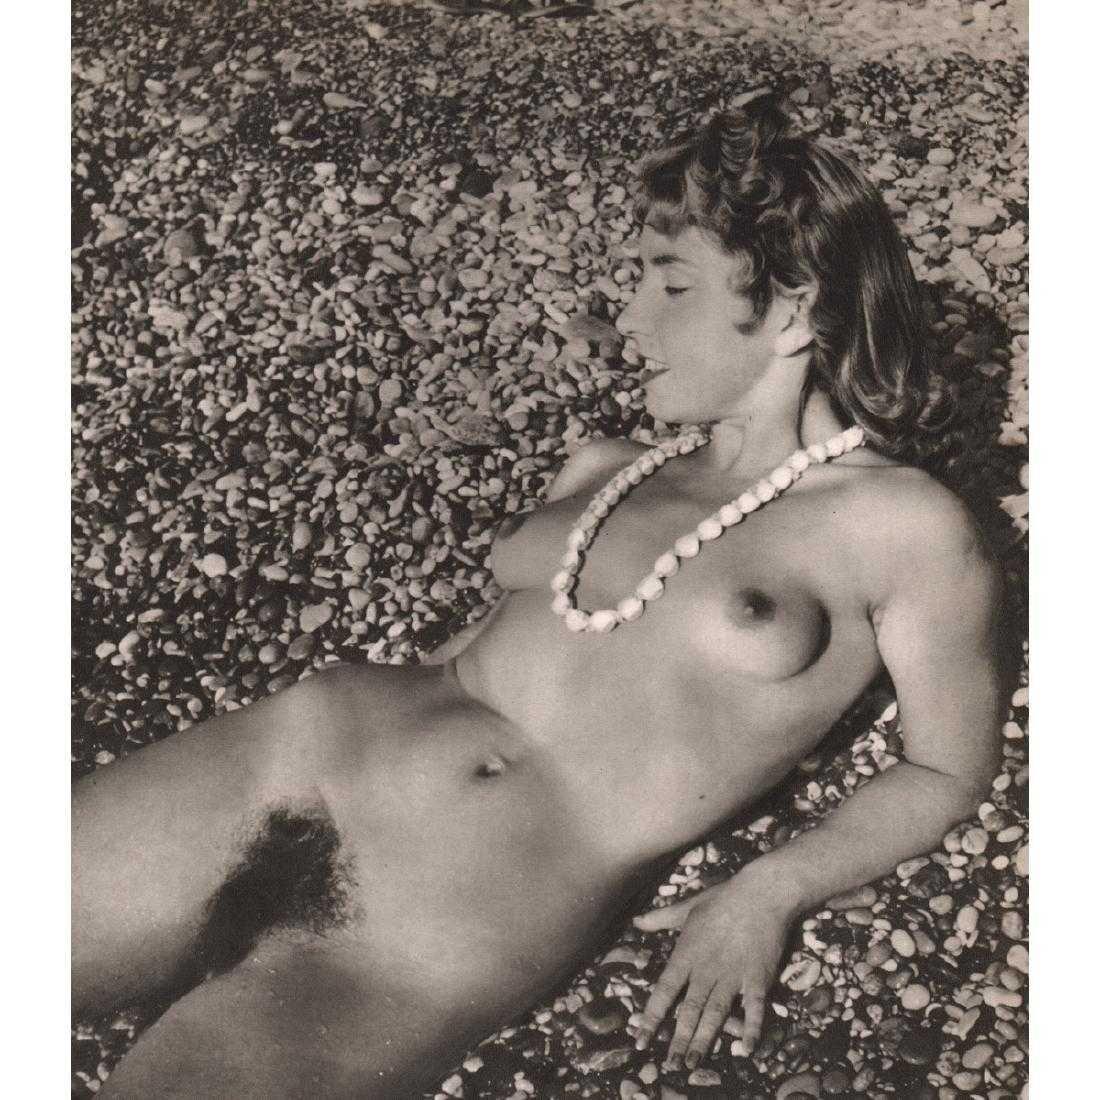 GEORGES VALLEE - Nude - 2